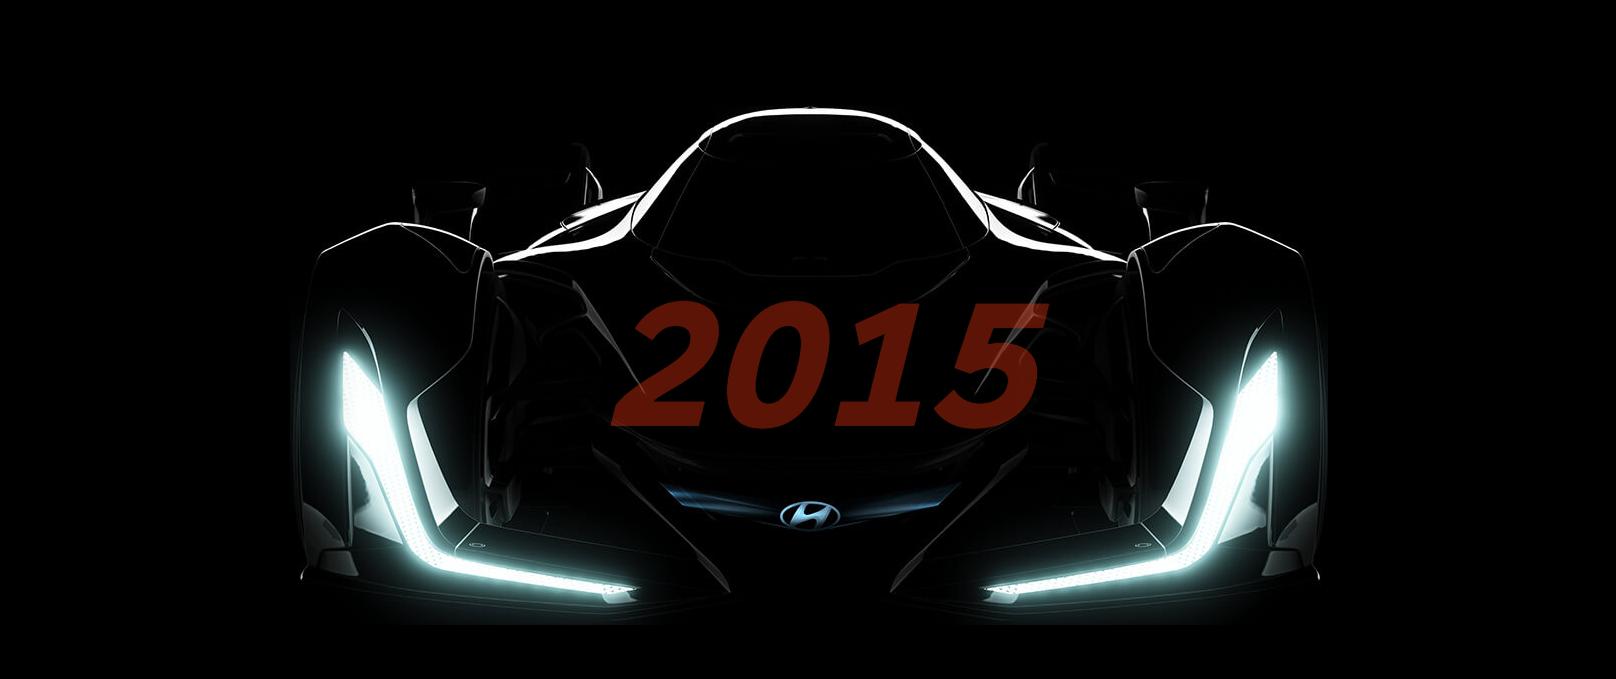 Hyundai Concept Car 2015